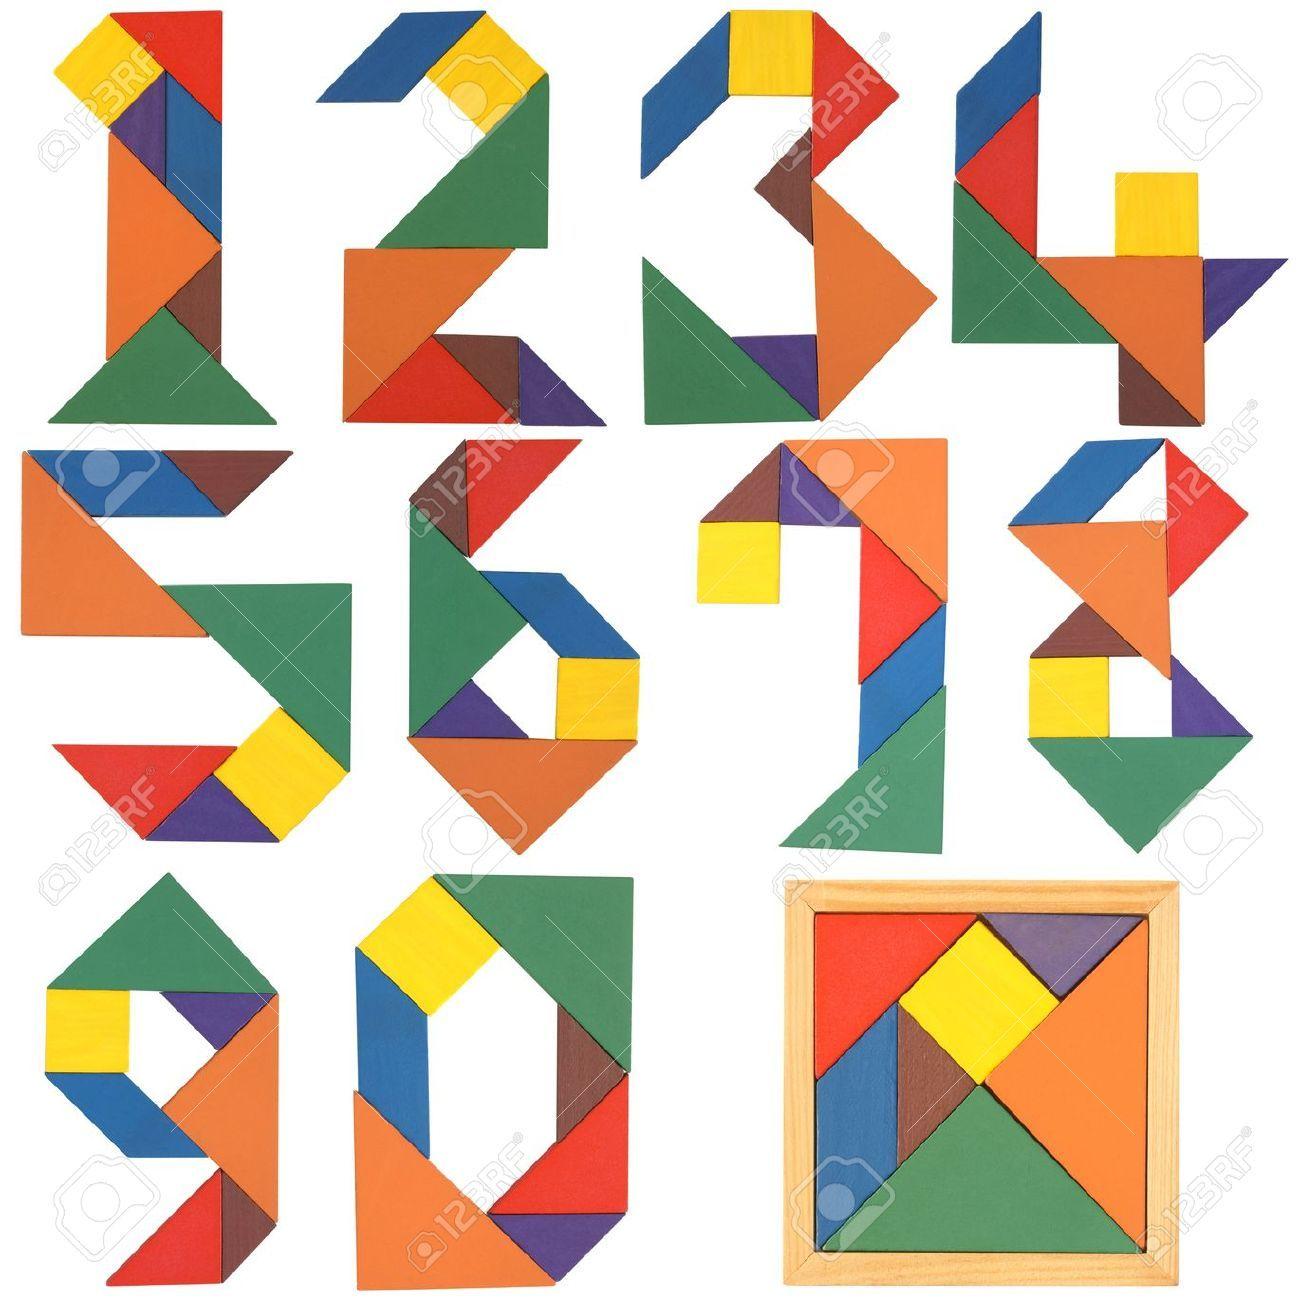 Tangram Cijfers - Google Zoeken